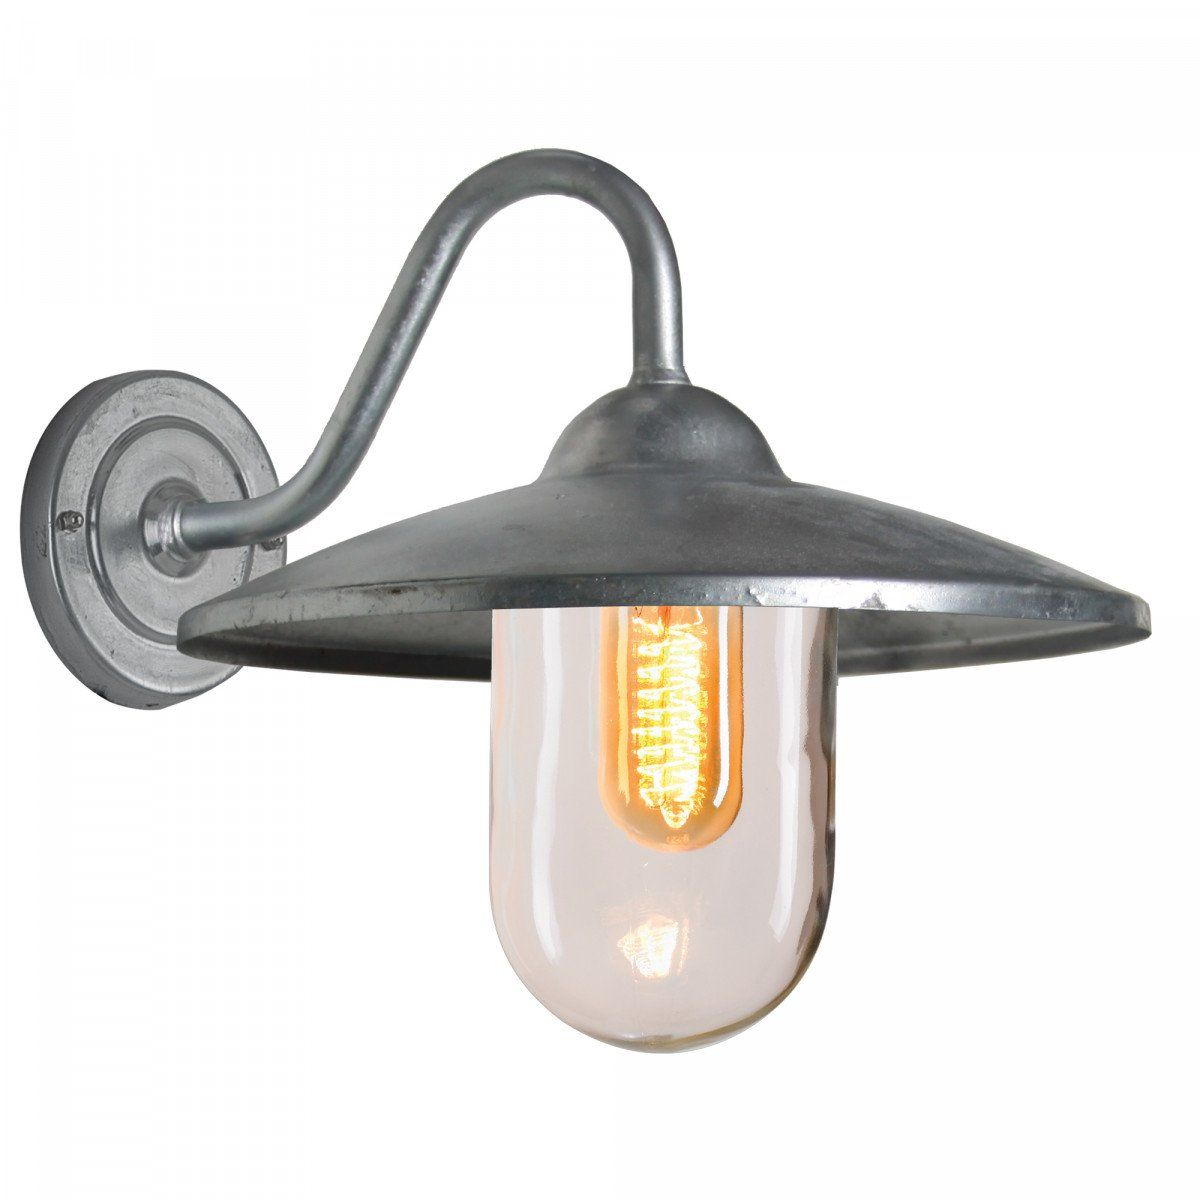 KS Verlichting buiten wandlamp Brig - zilver